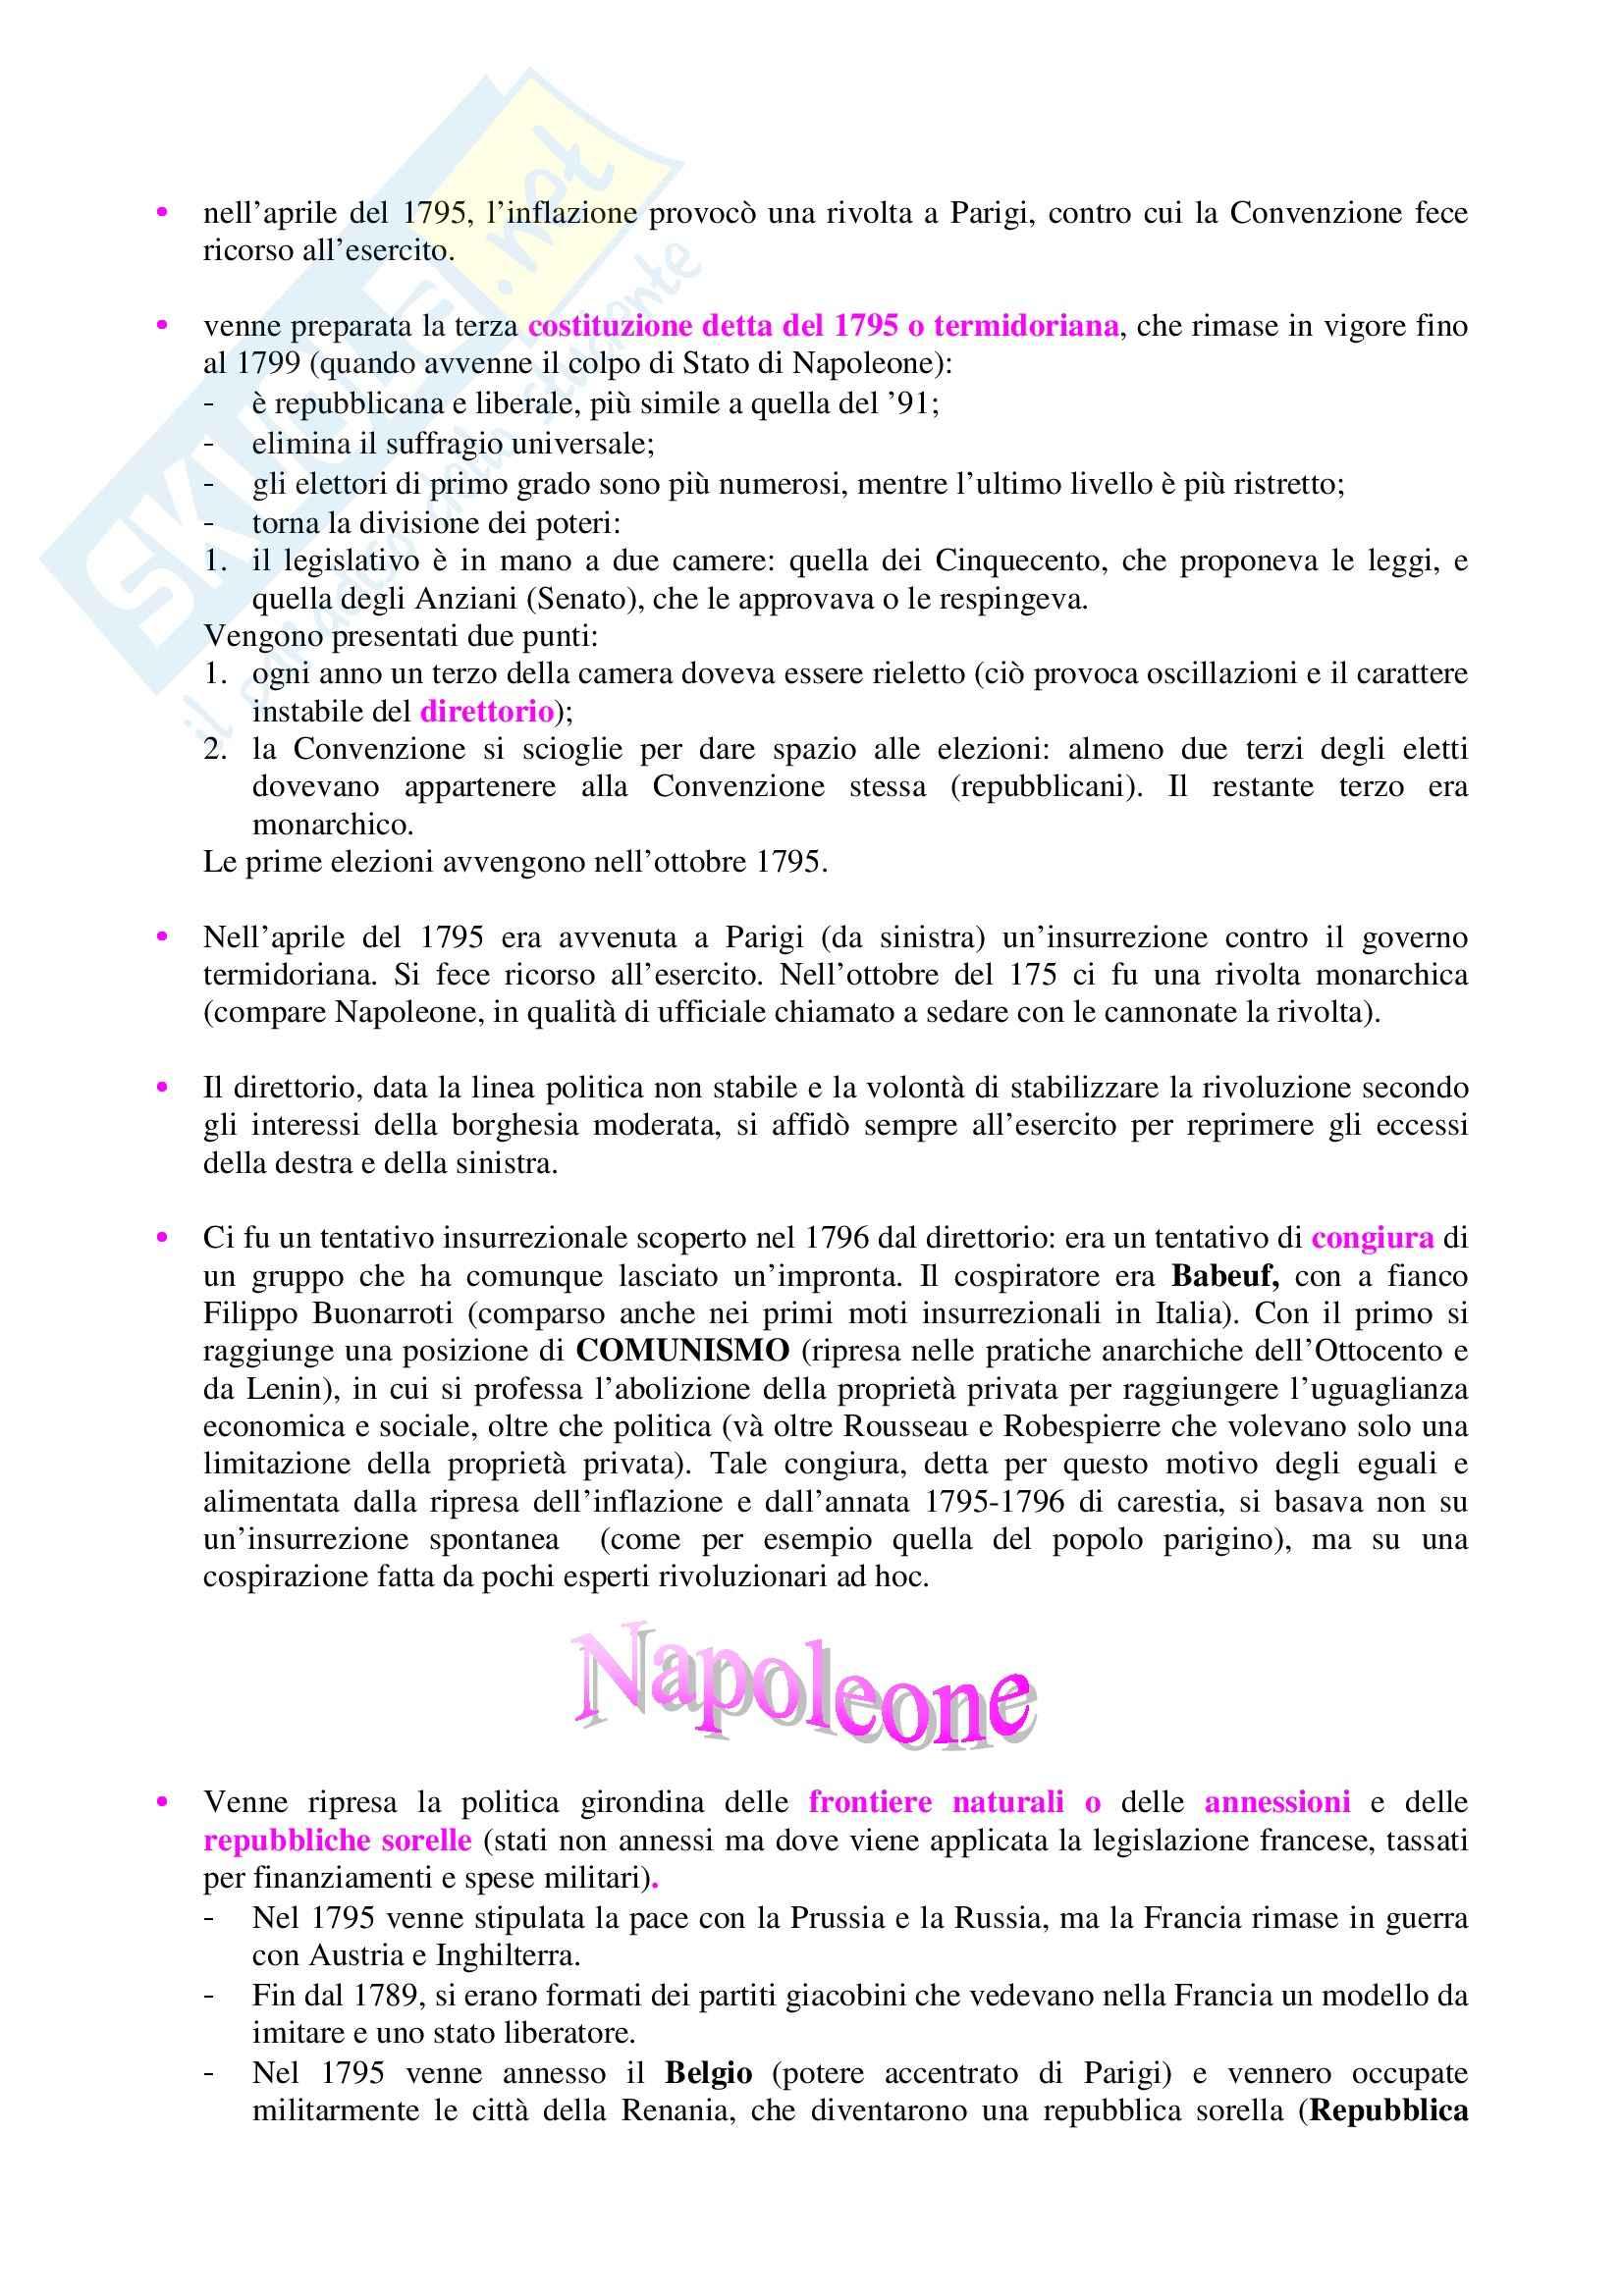 Storia contemporanea - Rivoluzione francese e Impero napoleonico Pag. 11